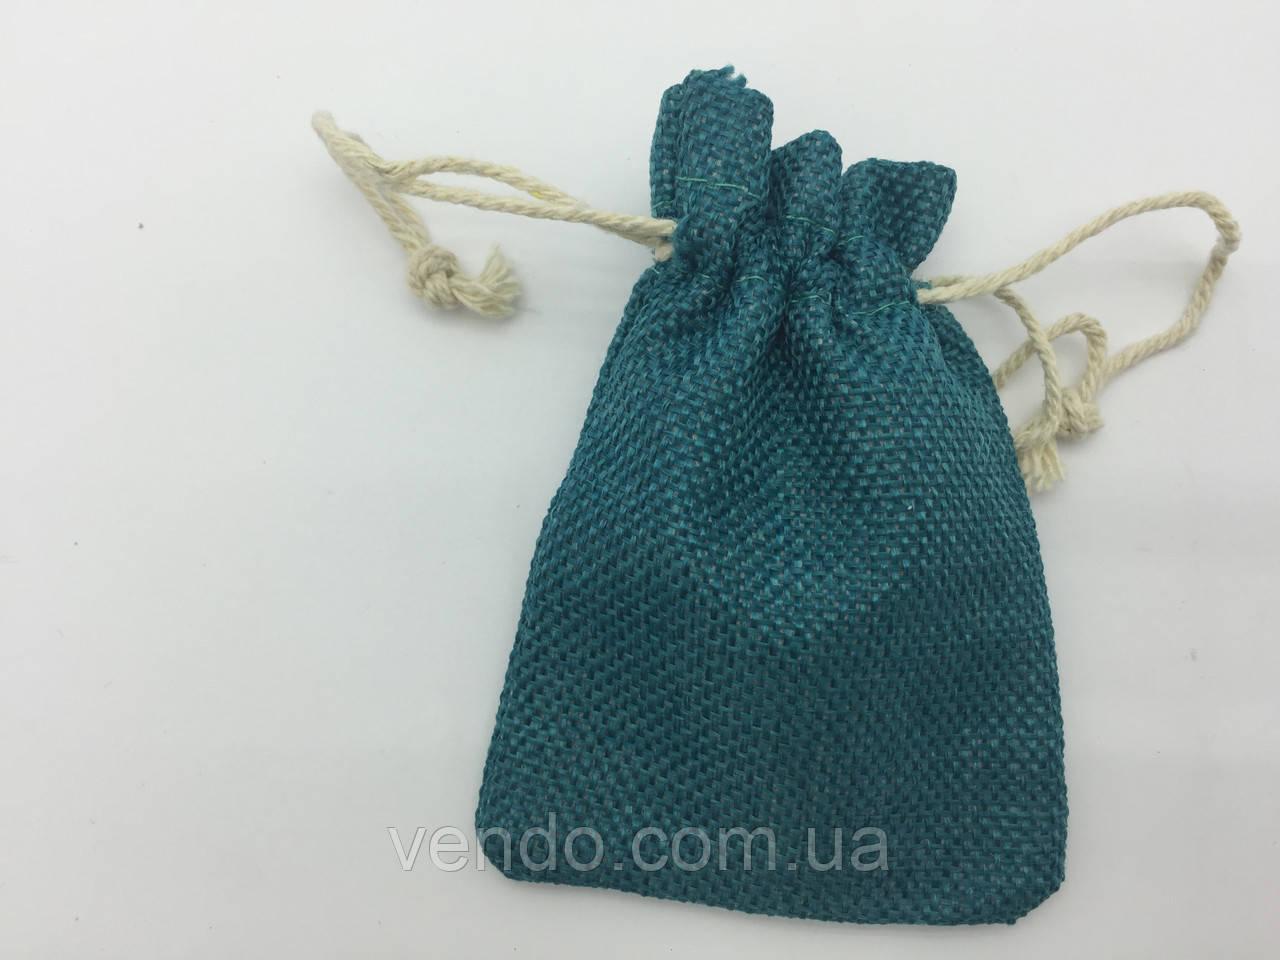 Чехол для рун, мешочек 7х10 см. Изумрудный